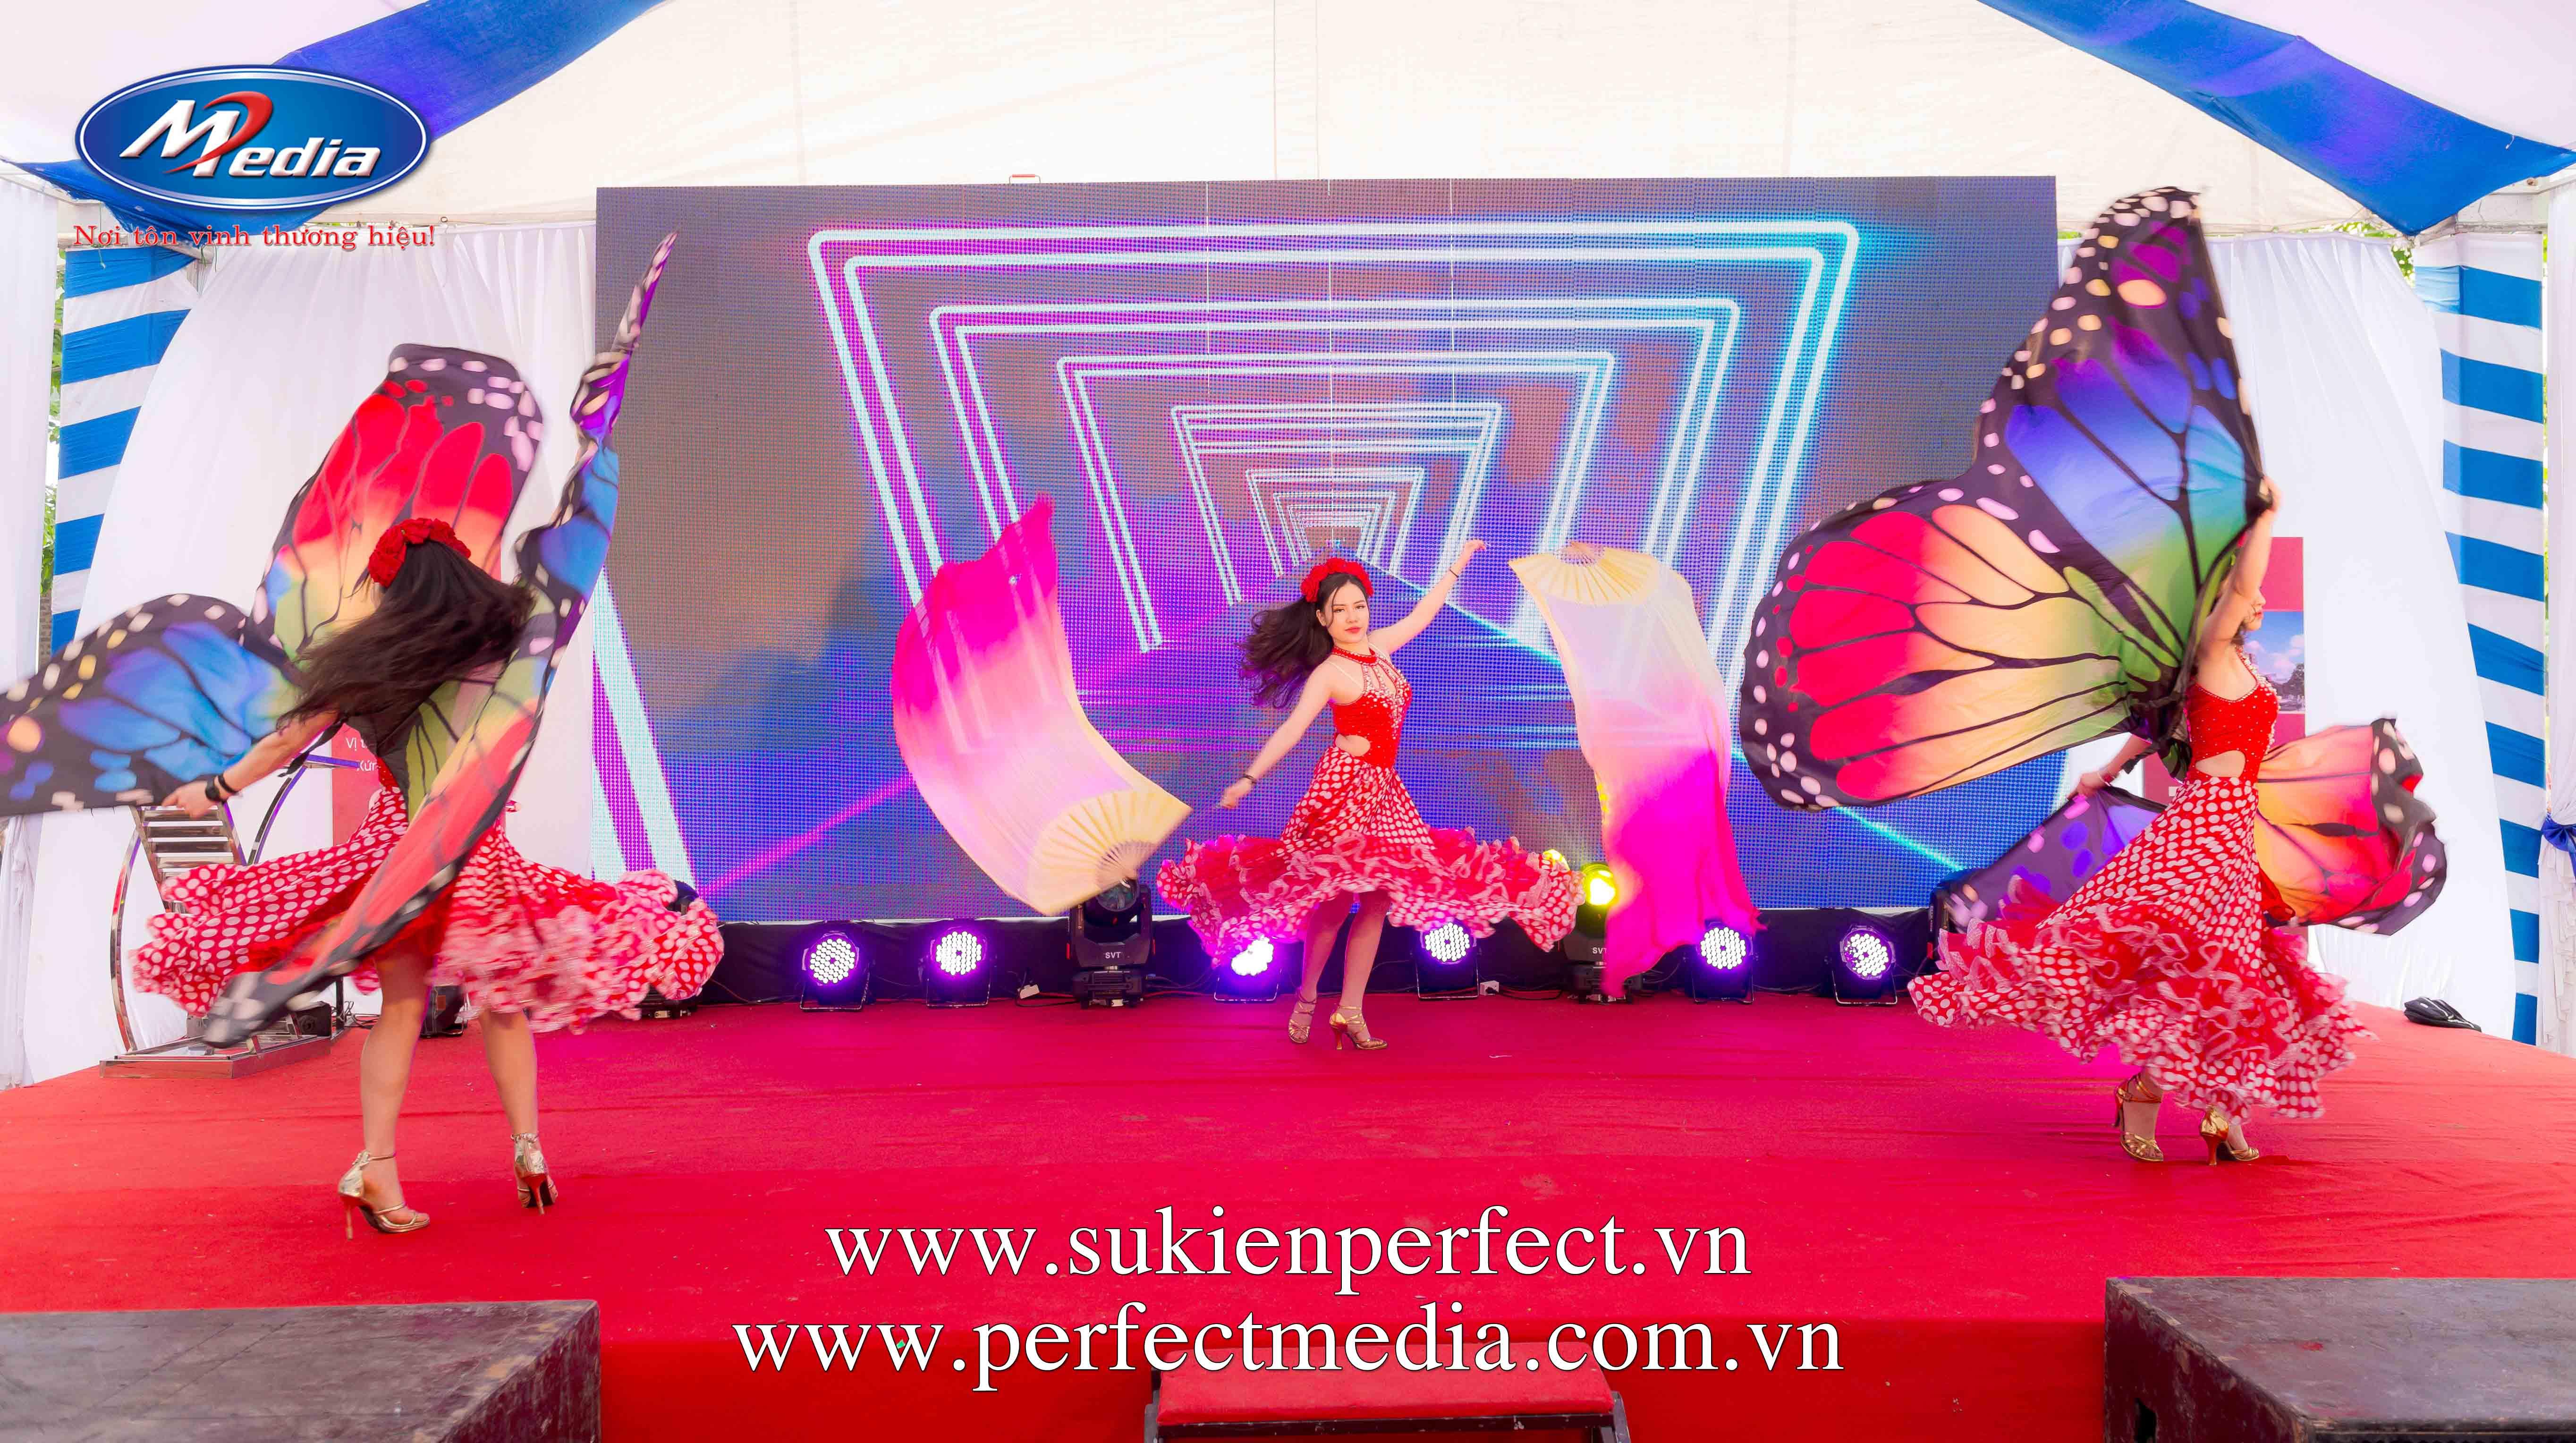 Vũ công Belly Dance giải nhất châu Á Thái Bình Dương - Minh Phượng